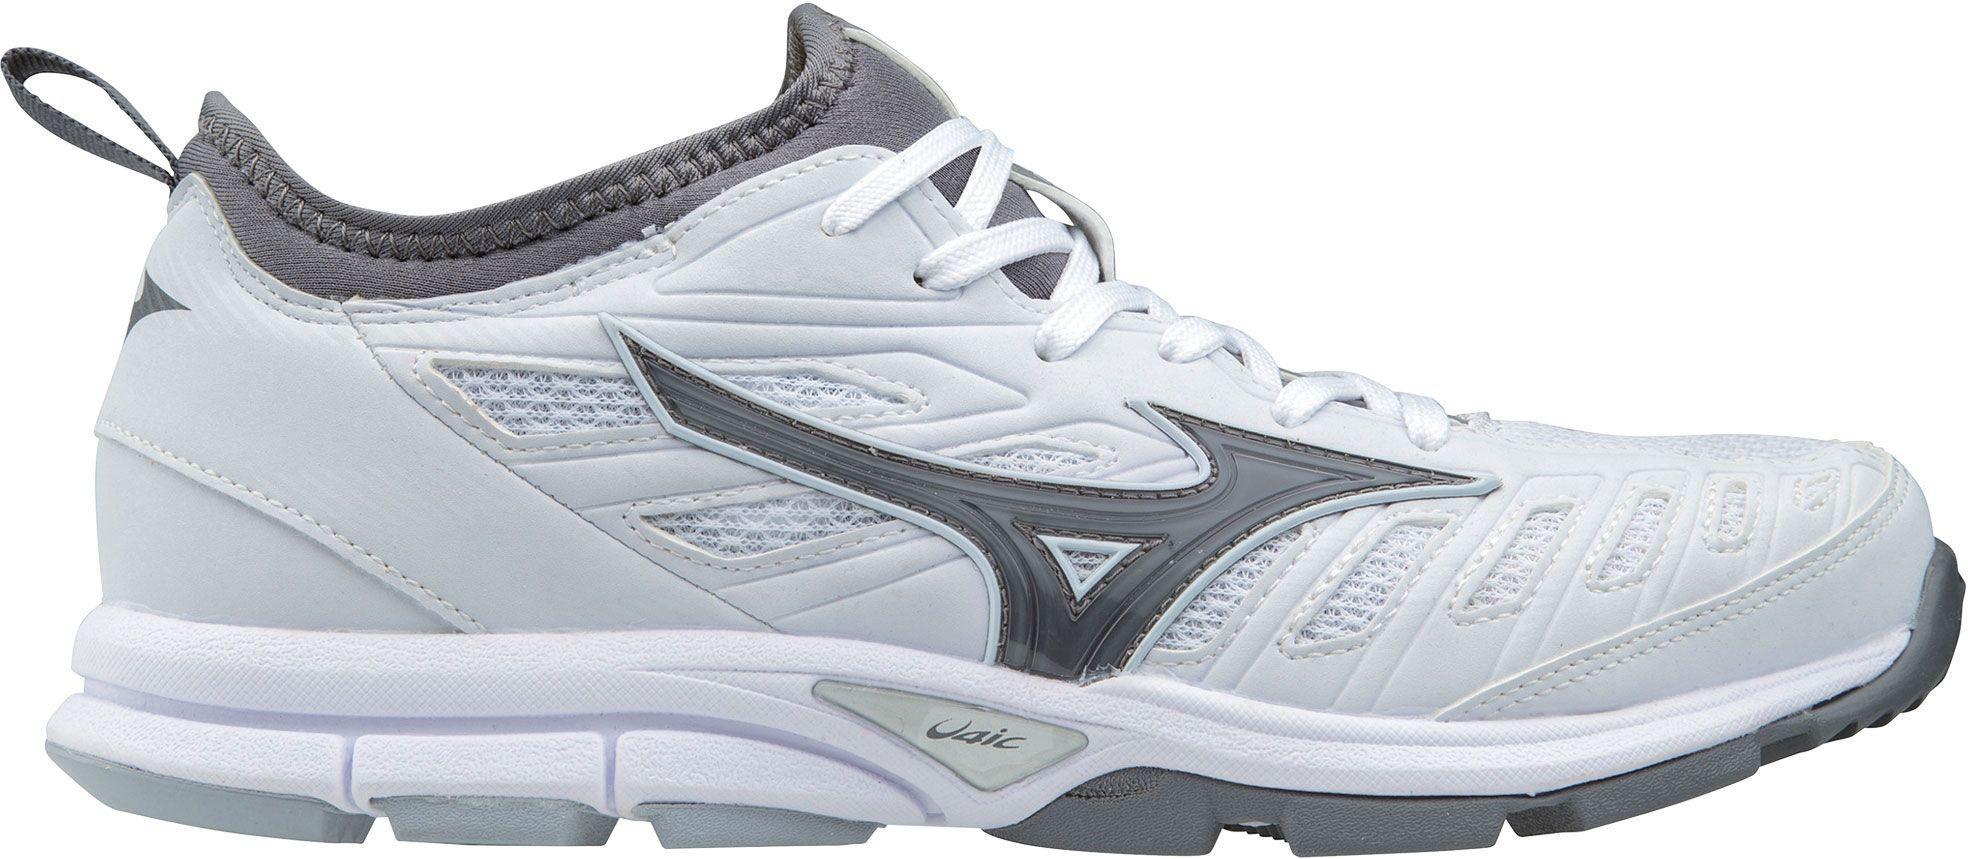 Photo of Mizuno Women's Players Trainer 2 Softball Turf Shoes, White